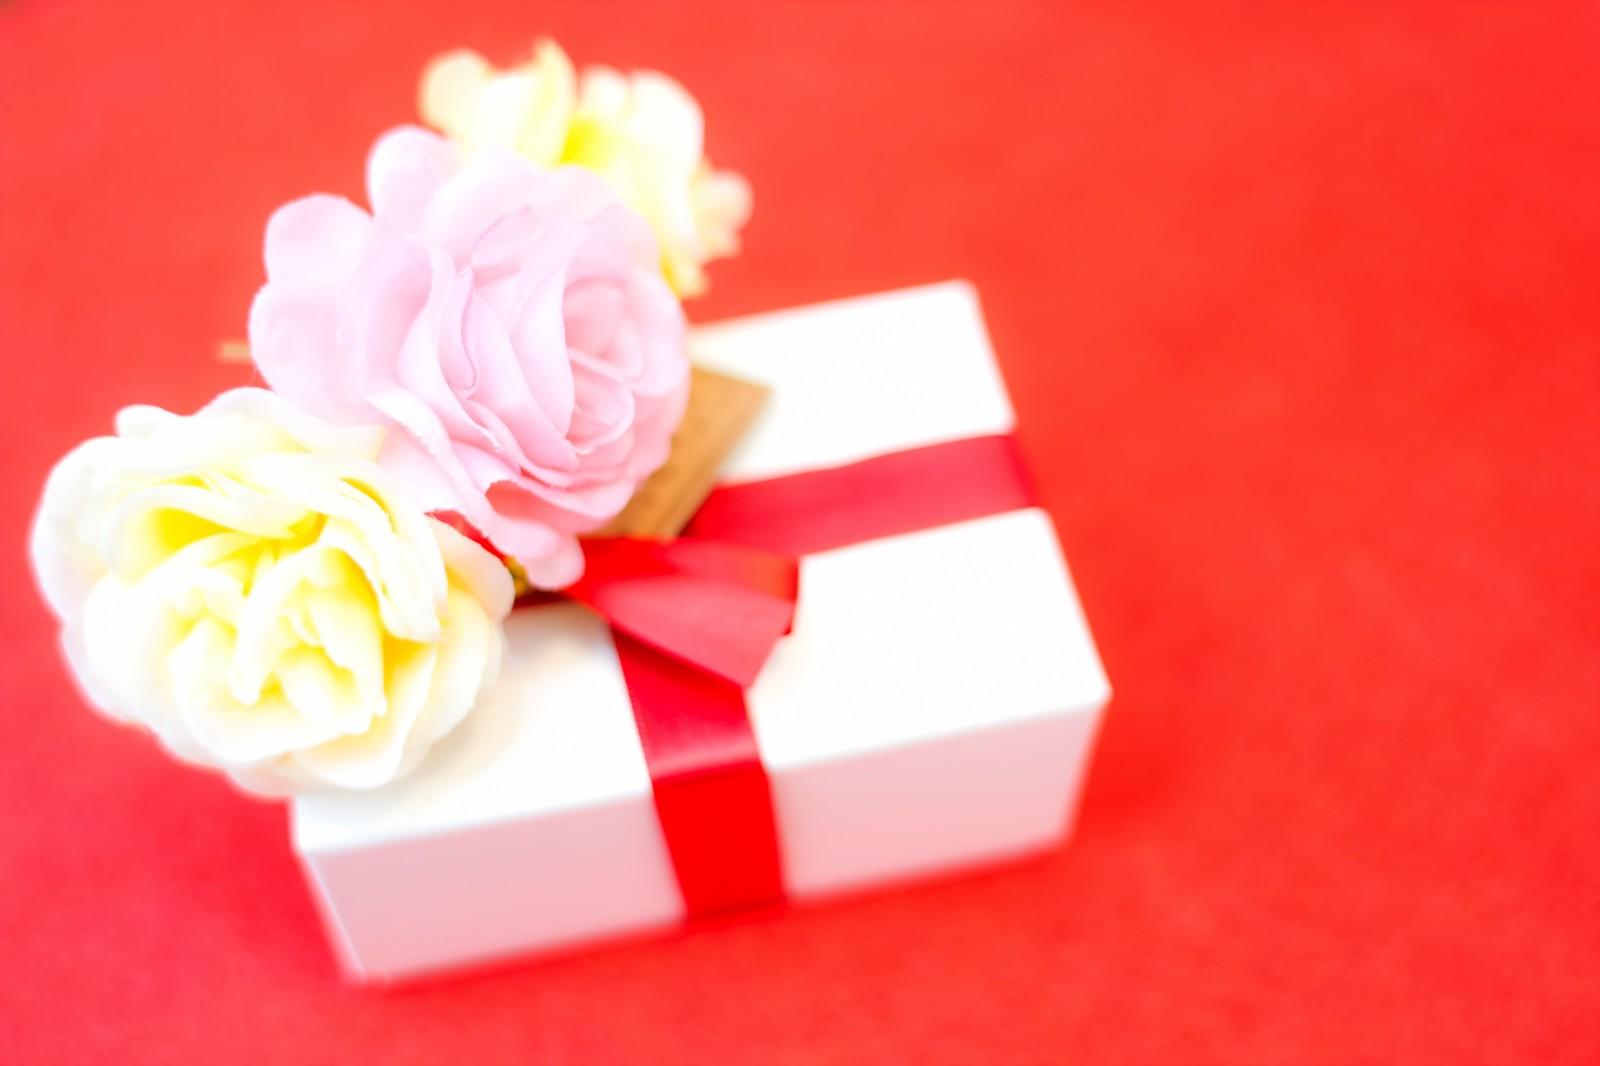 母の日のプレゼントは1000円でも大丈夫!安いけど喜ぶプレゼント7選2019